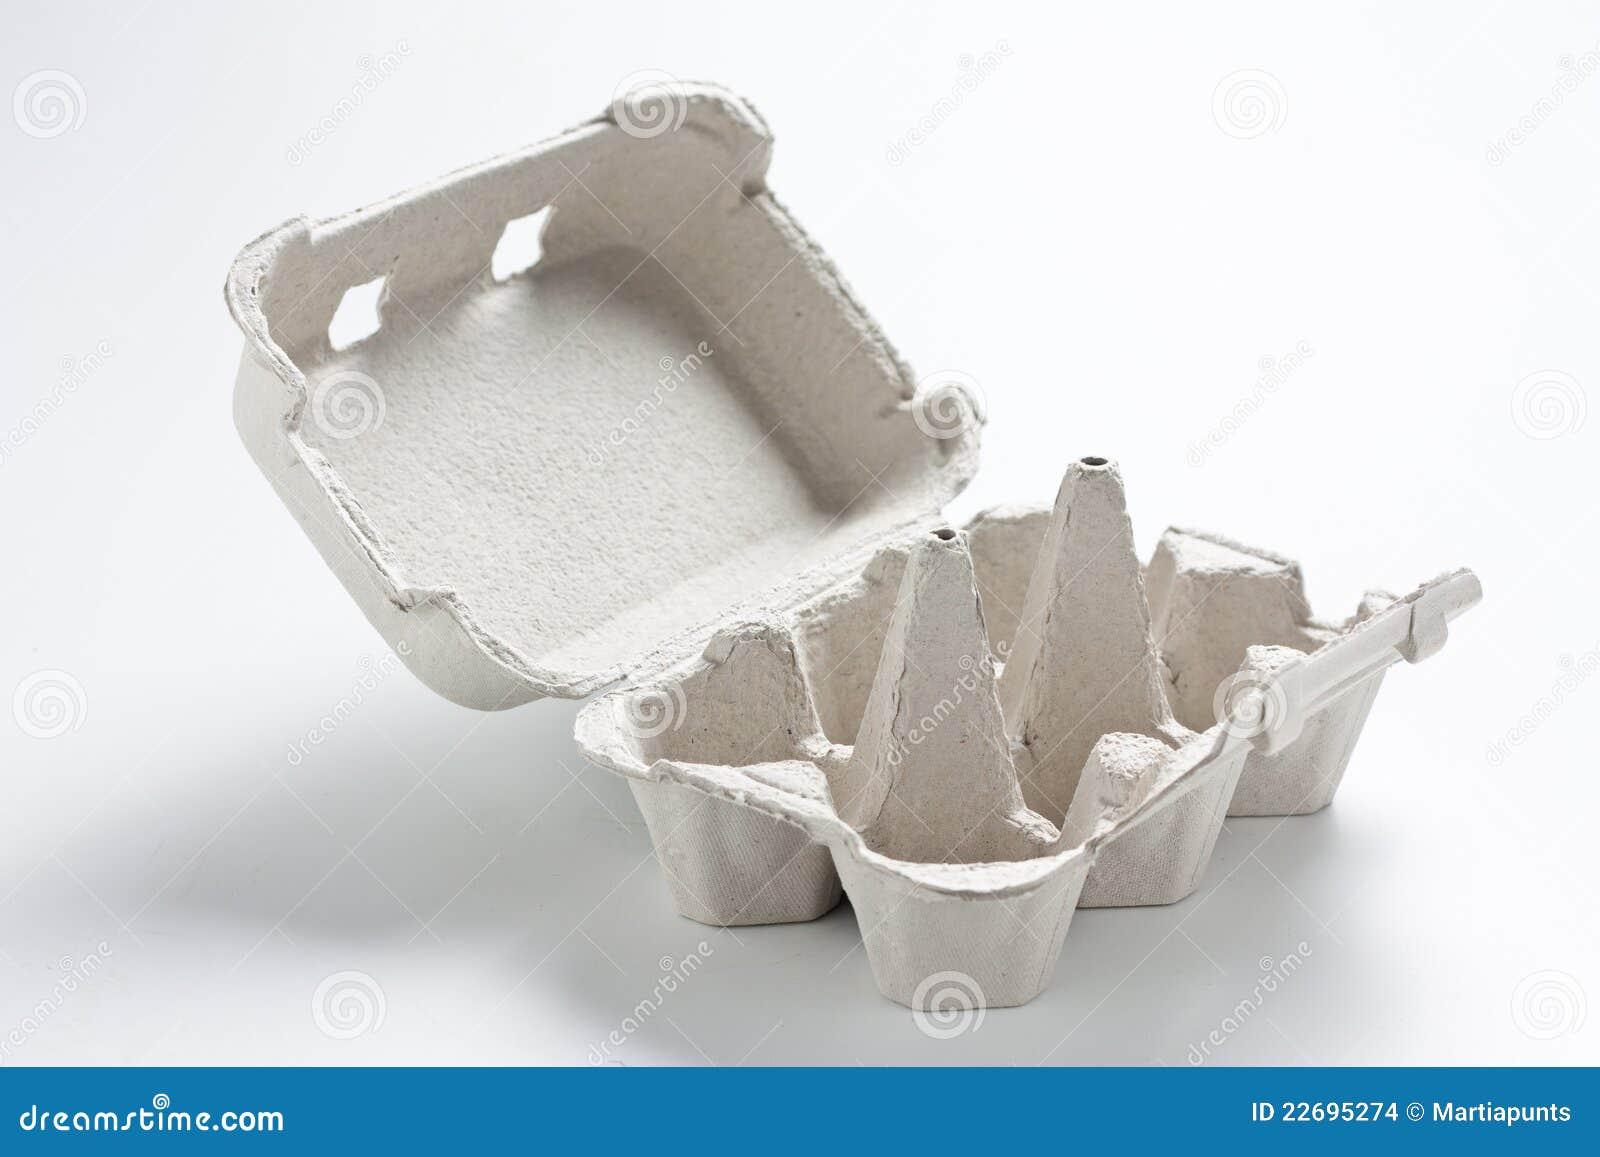 caixa de ovo vazia imagens de stock imagem 22695274. Black Bedroom Furniture Sets. Home Design Ideas